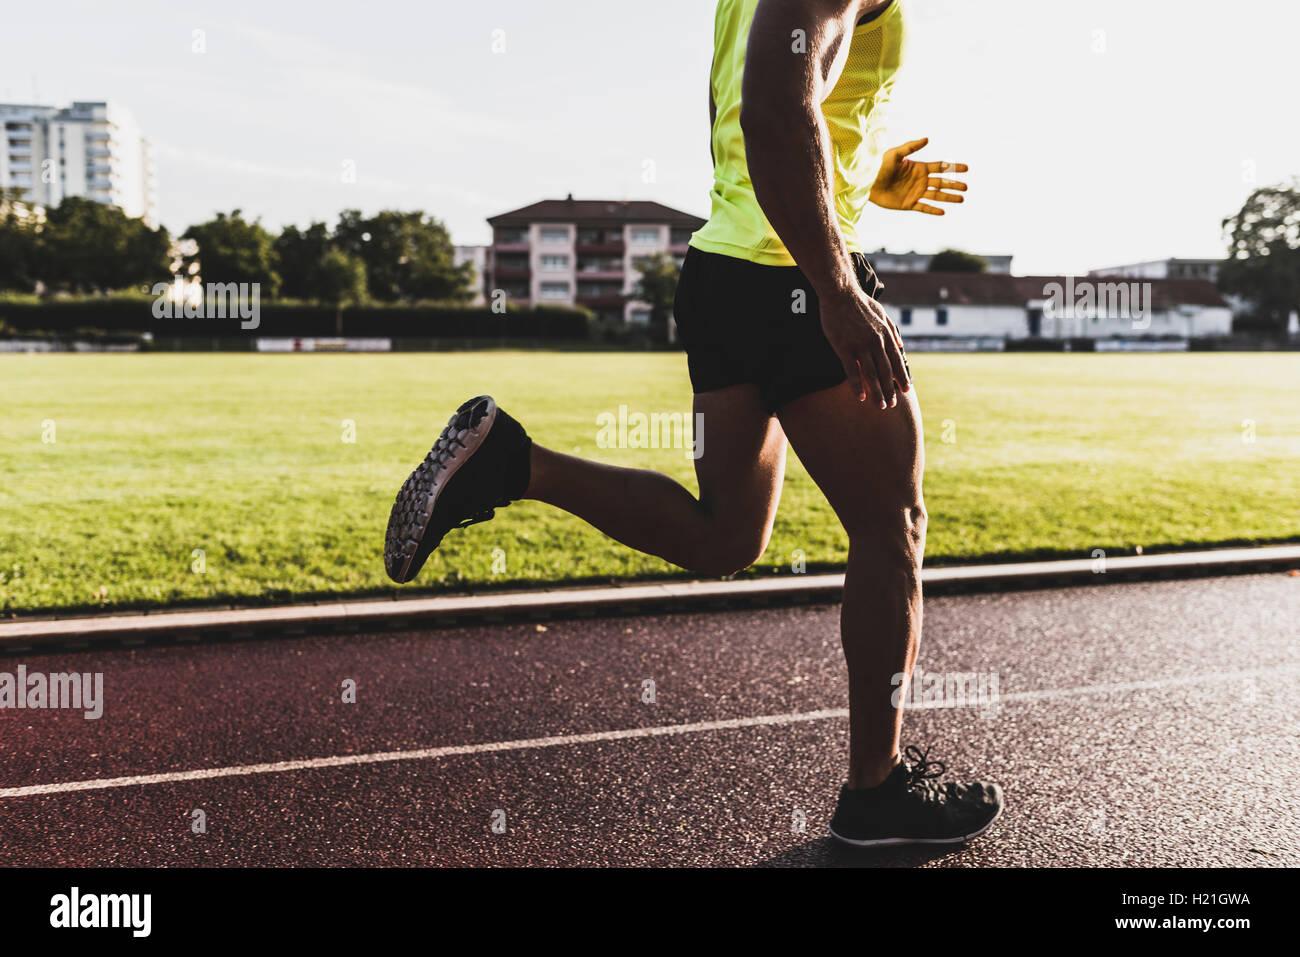 Athlete running on tartan track Stock Photo